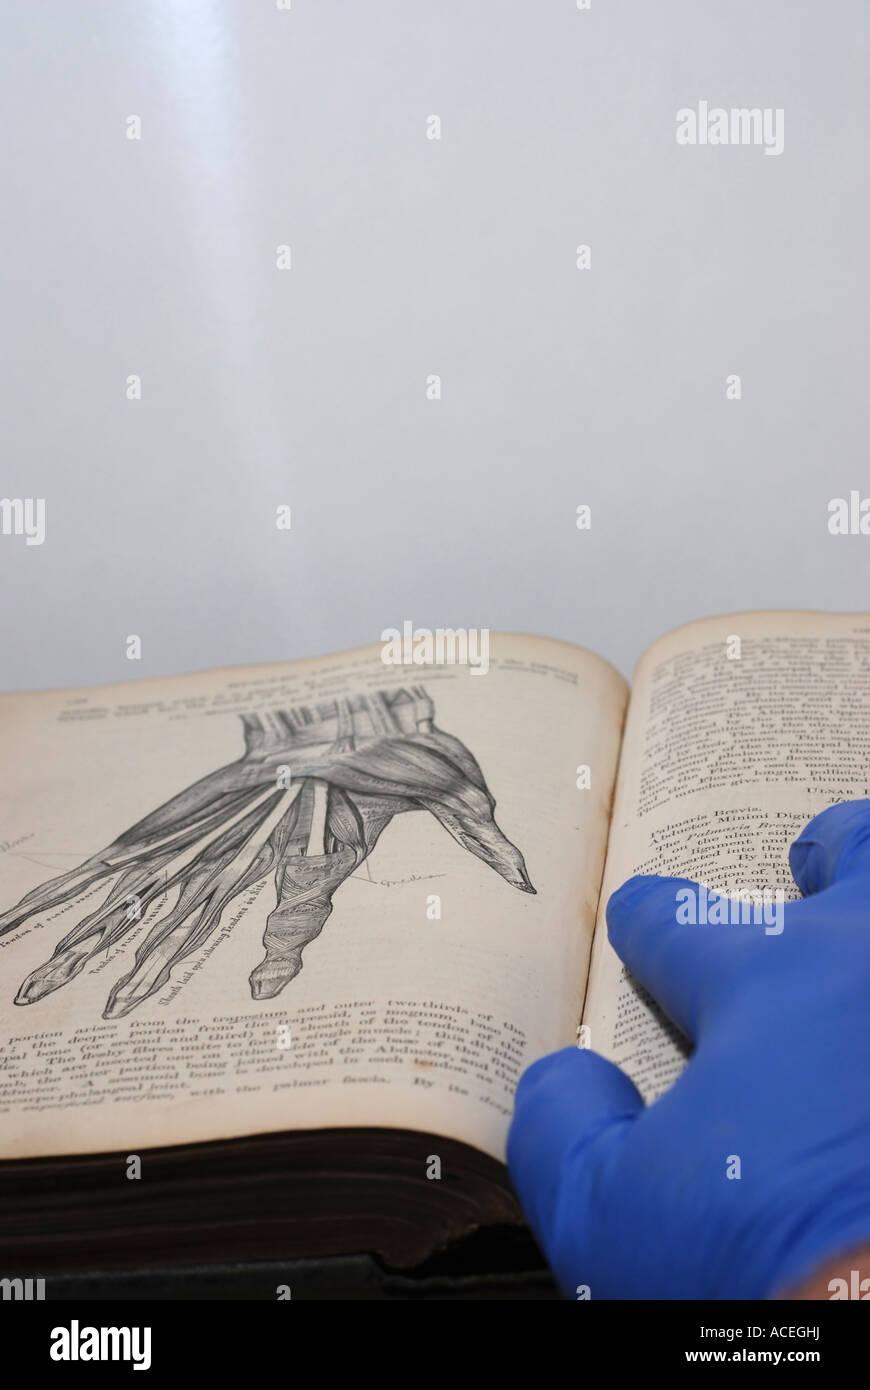 El investigador hace referencia a un dibujo de la palma de la mano ...